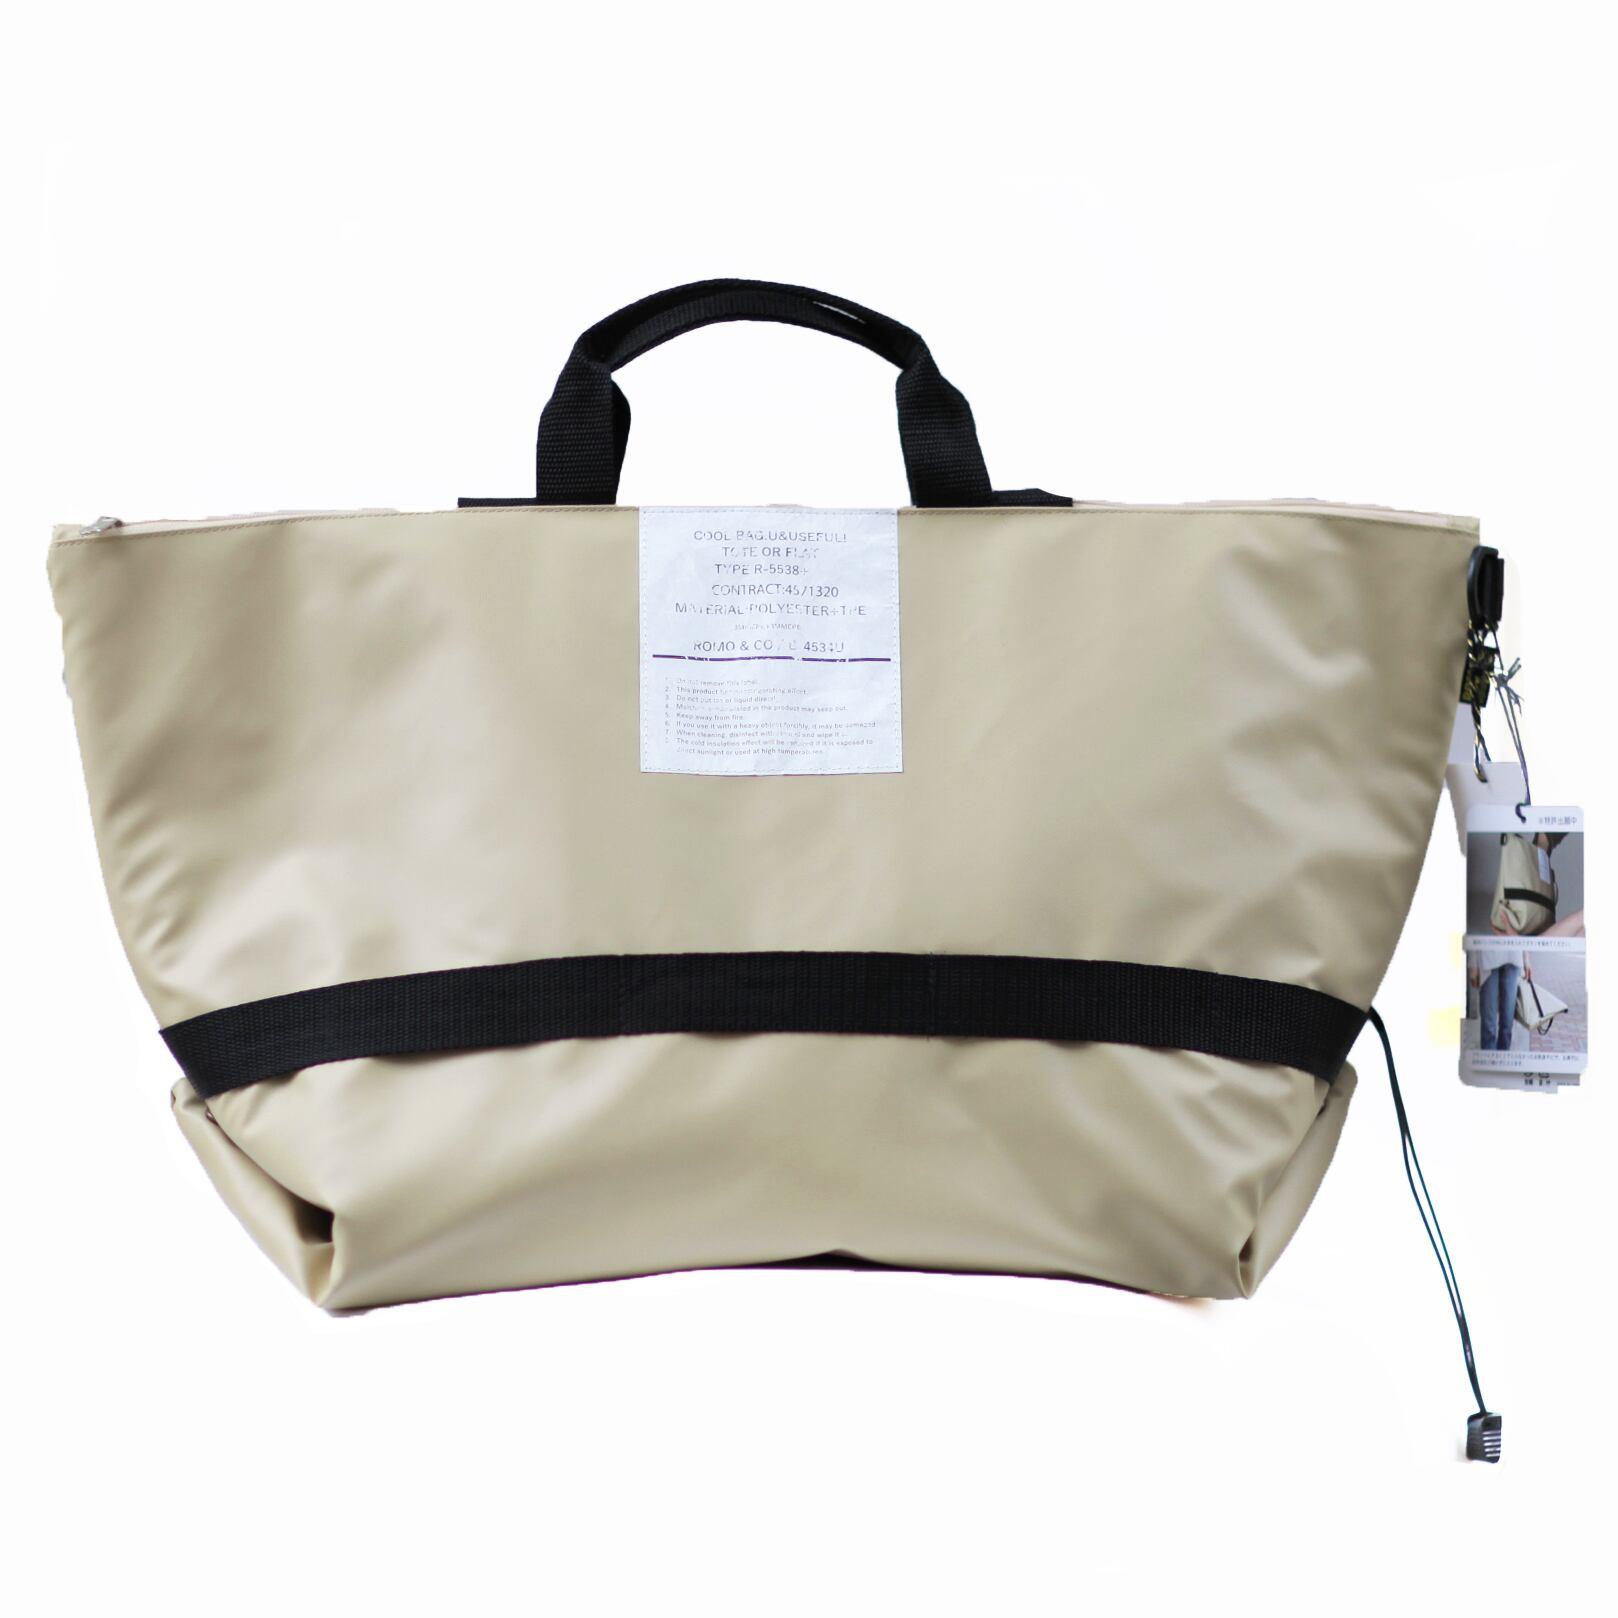 romo (ロモ) U-seful(ユセフル)折りたたみクーラーバッグ  保冷バッグ  【Lサイズ】